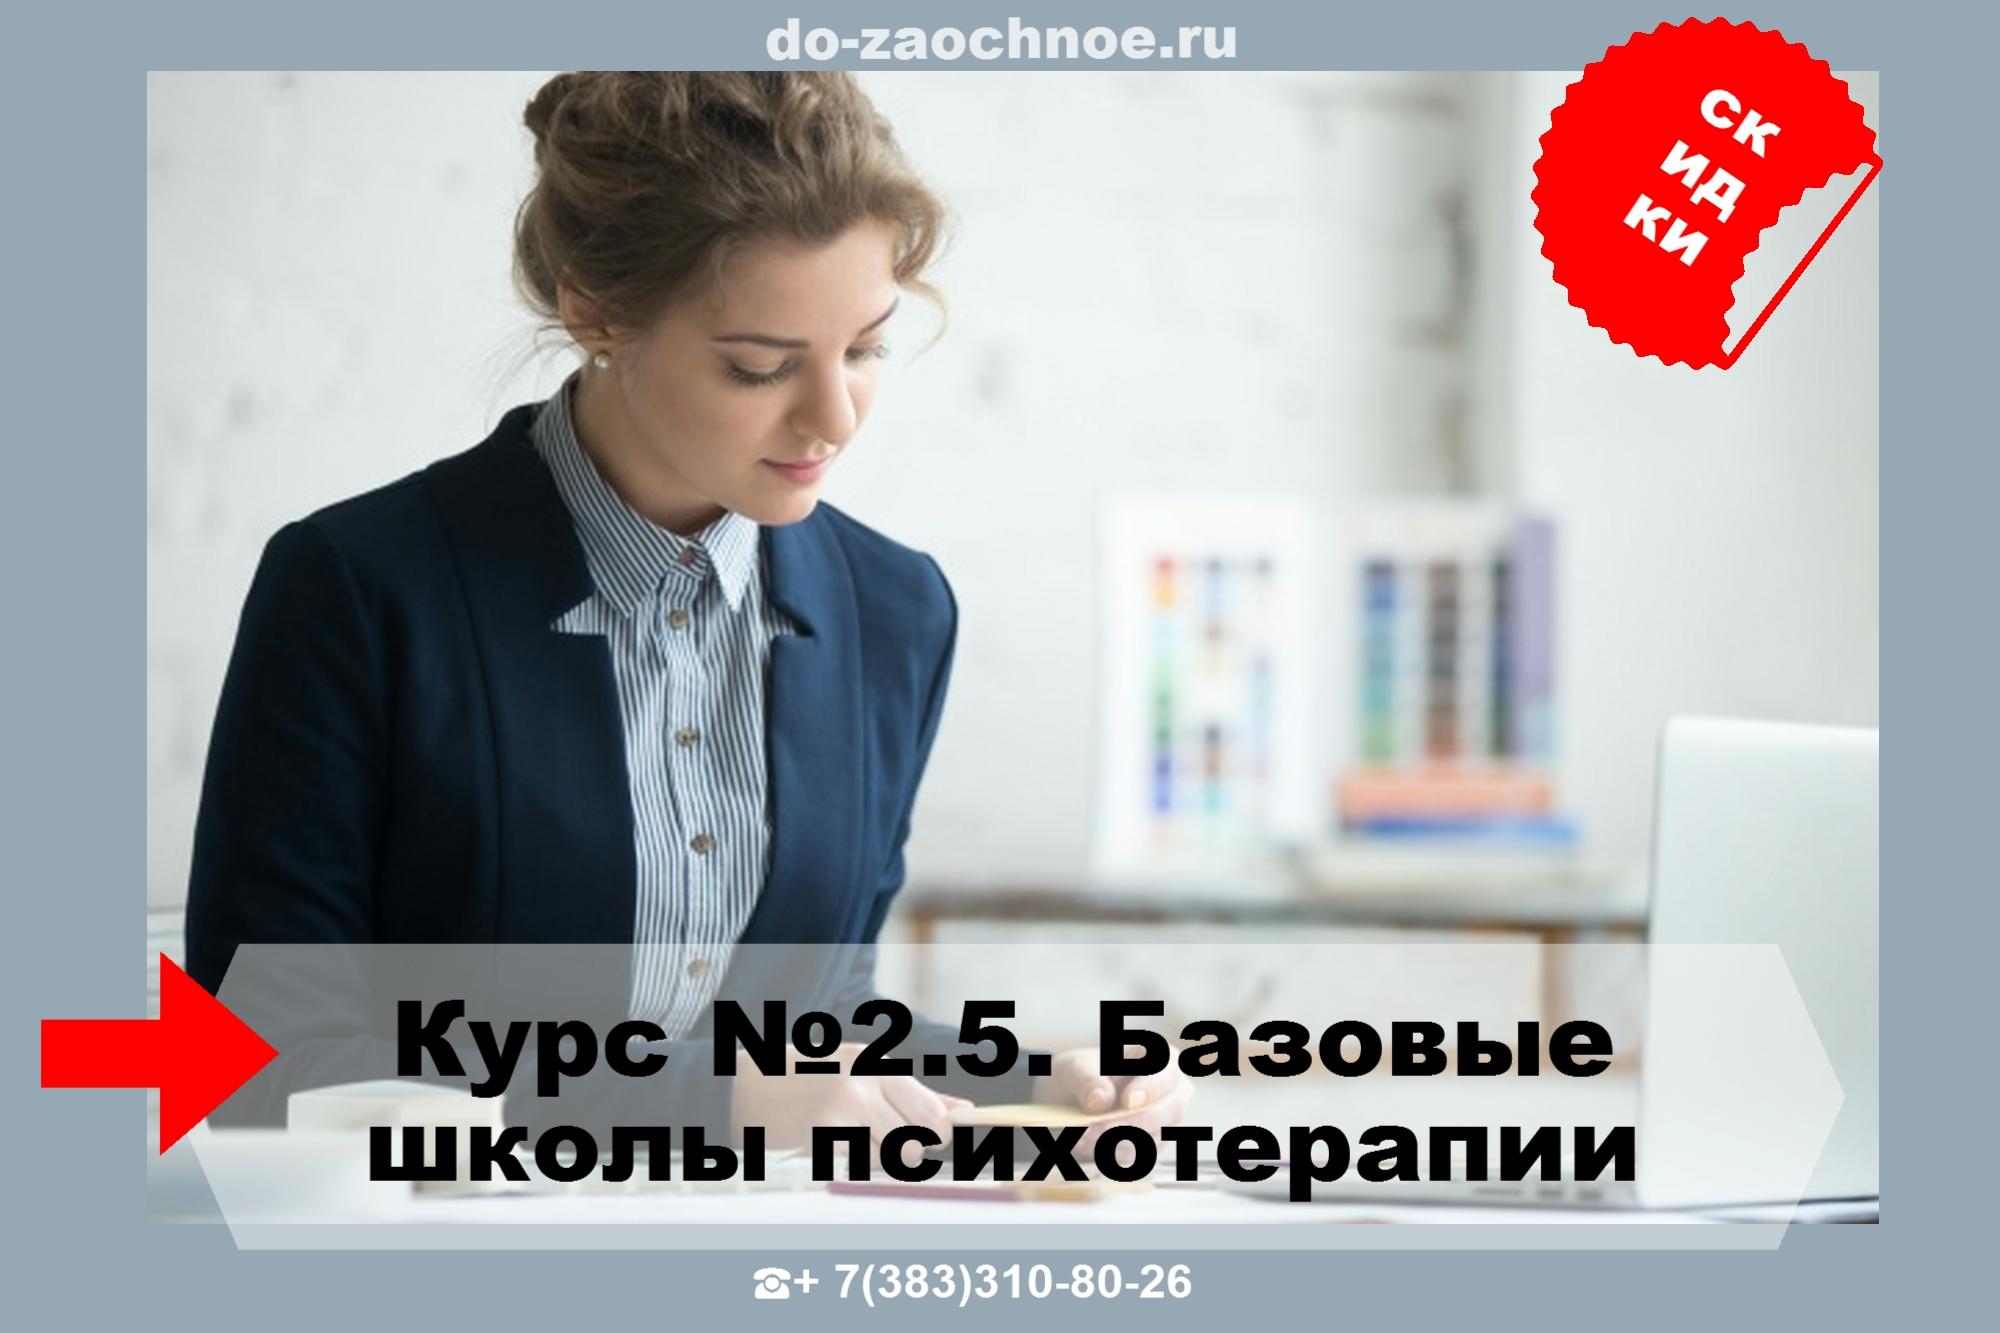 ИДПК дистанционные курсы Базовые школы психотерапии на do-zaochnoe. ru Тут!